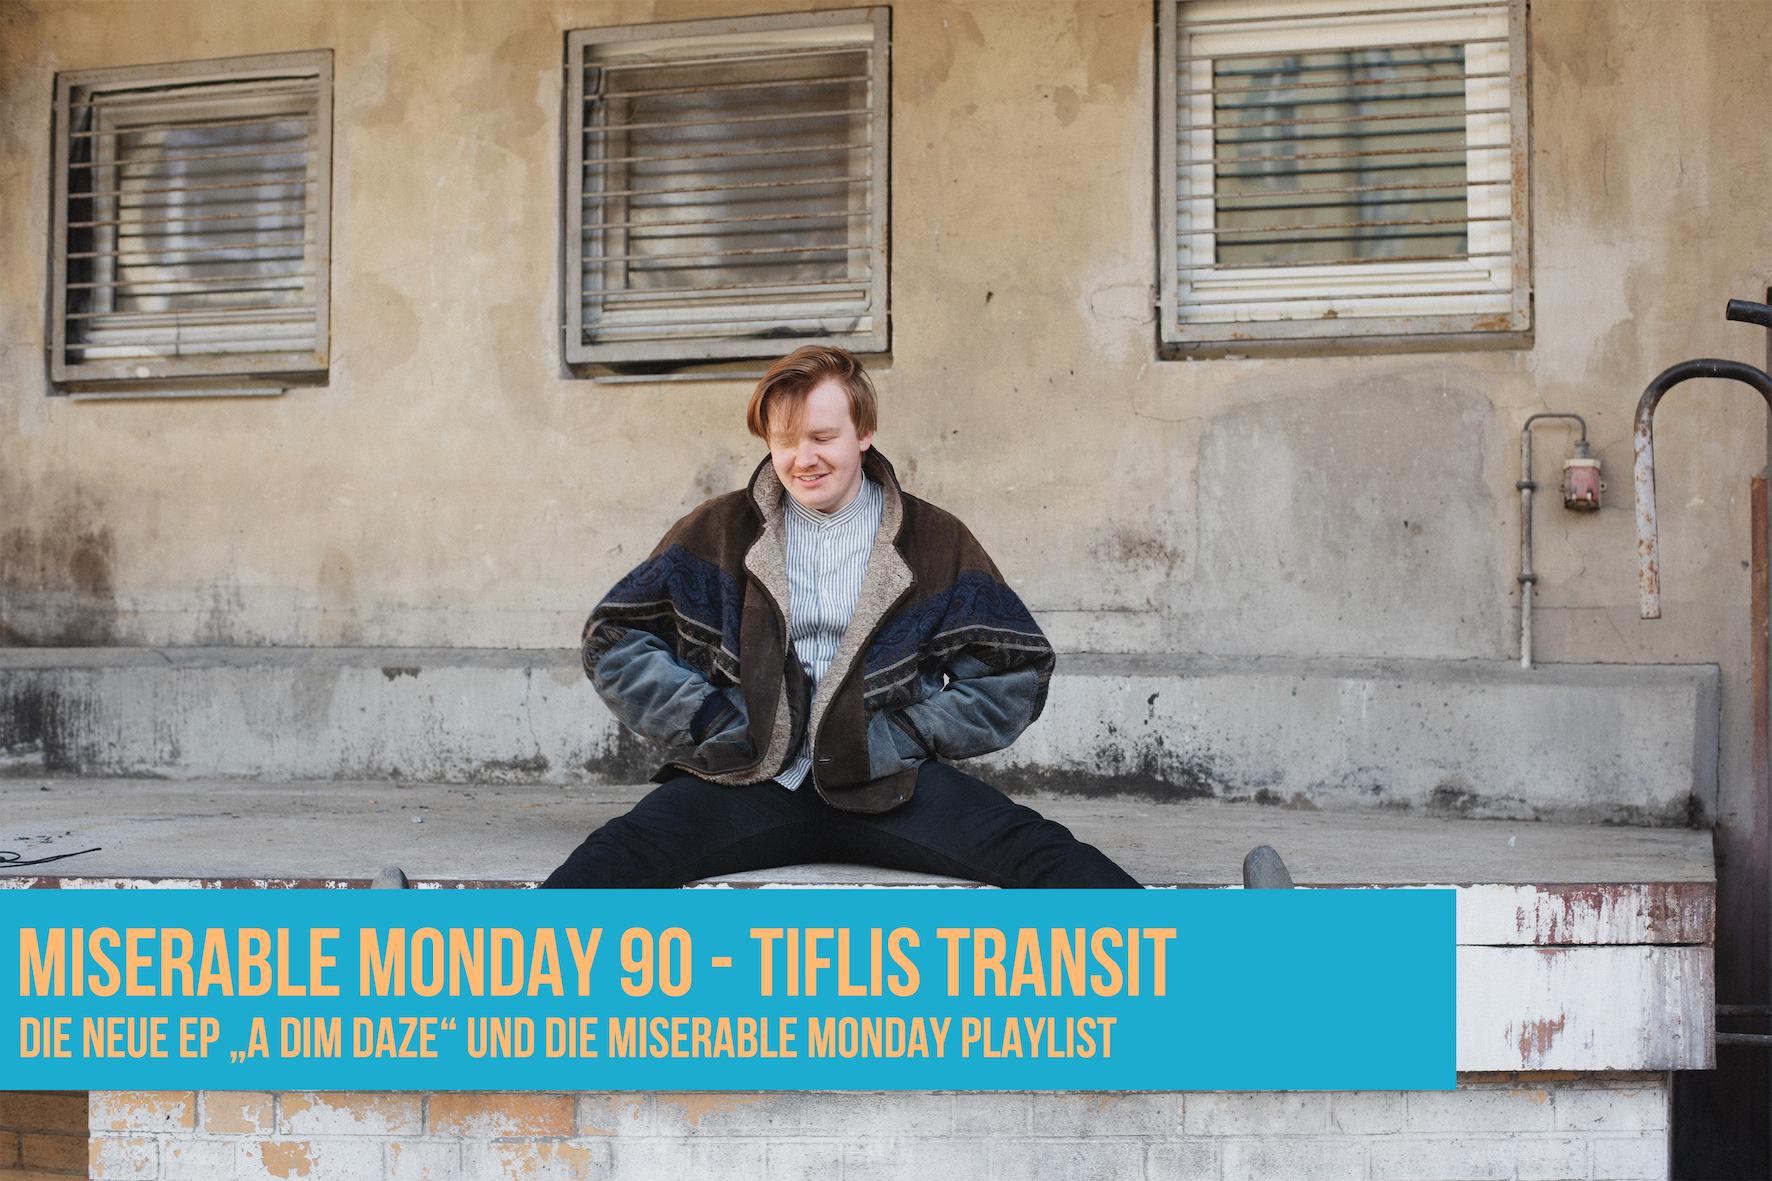 90 - Tiflis Transit